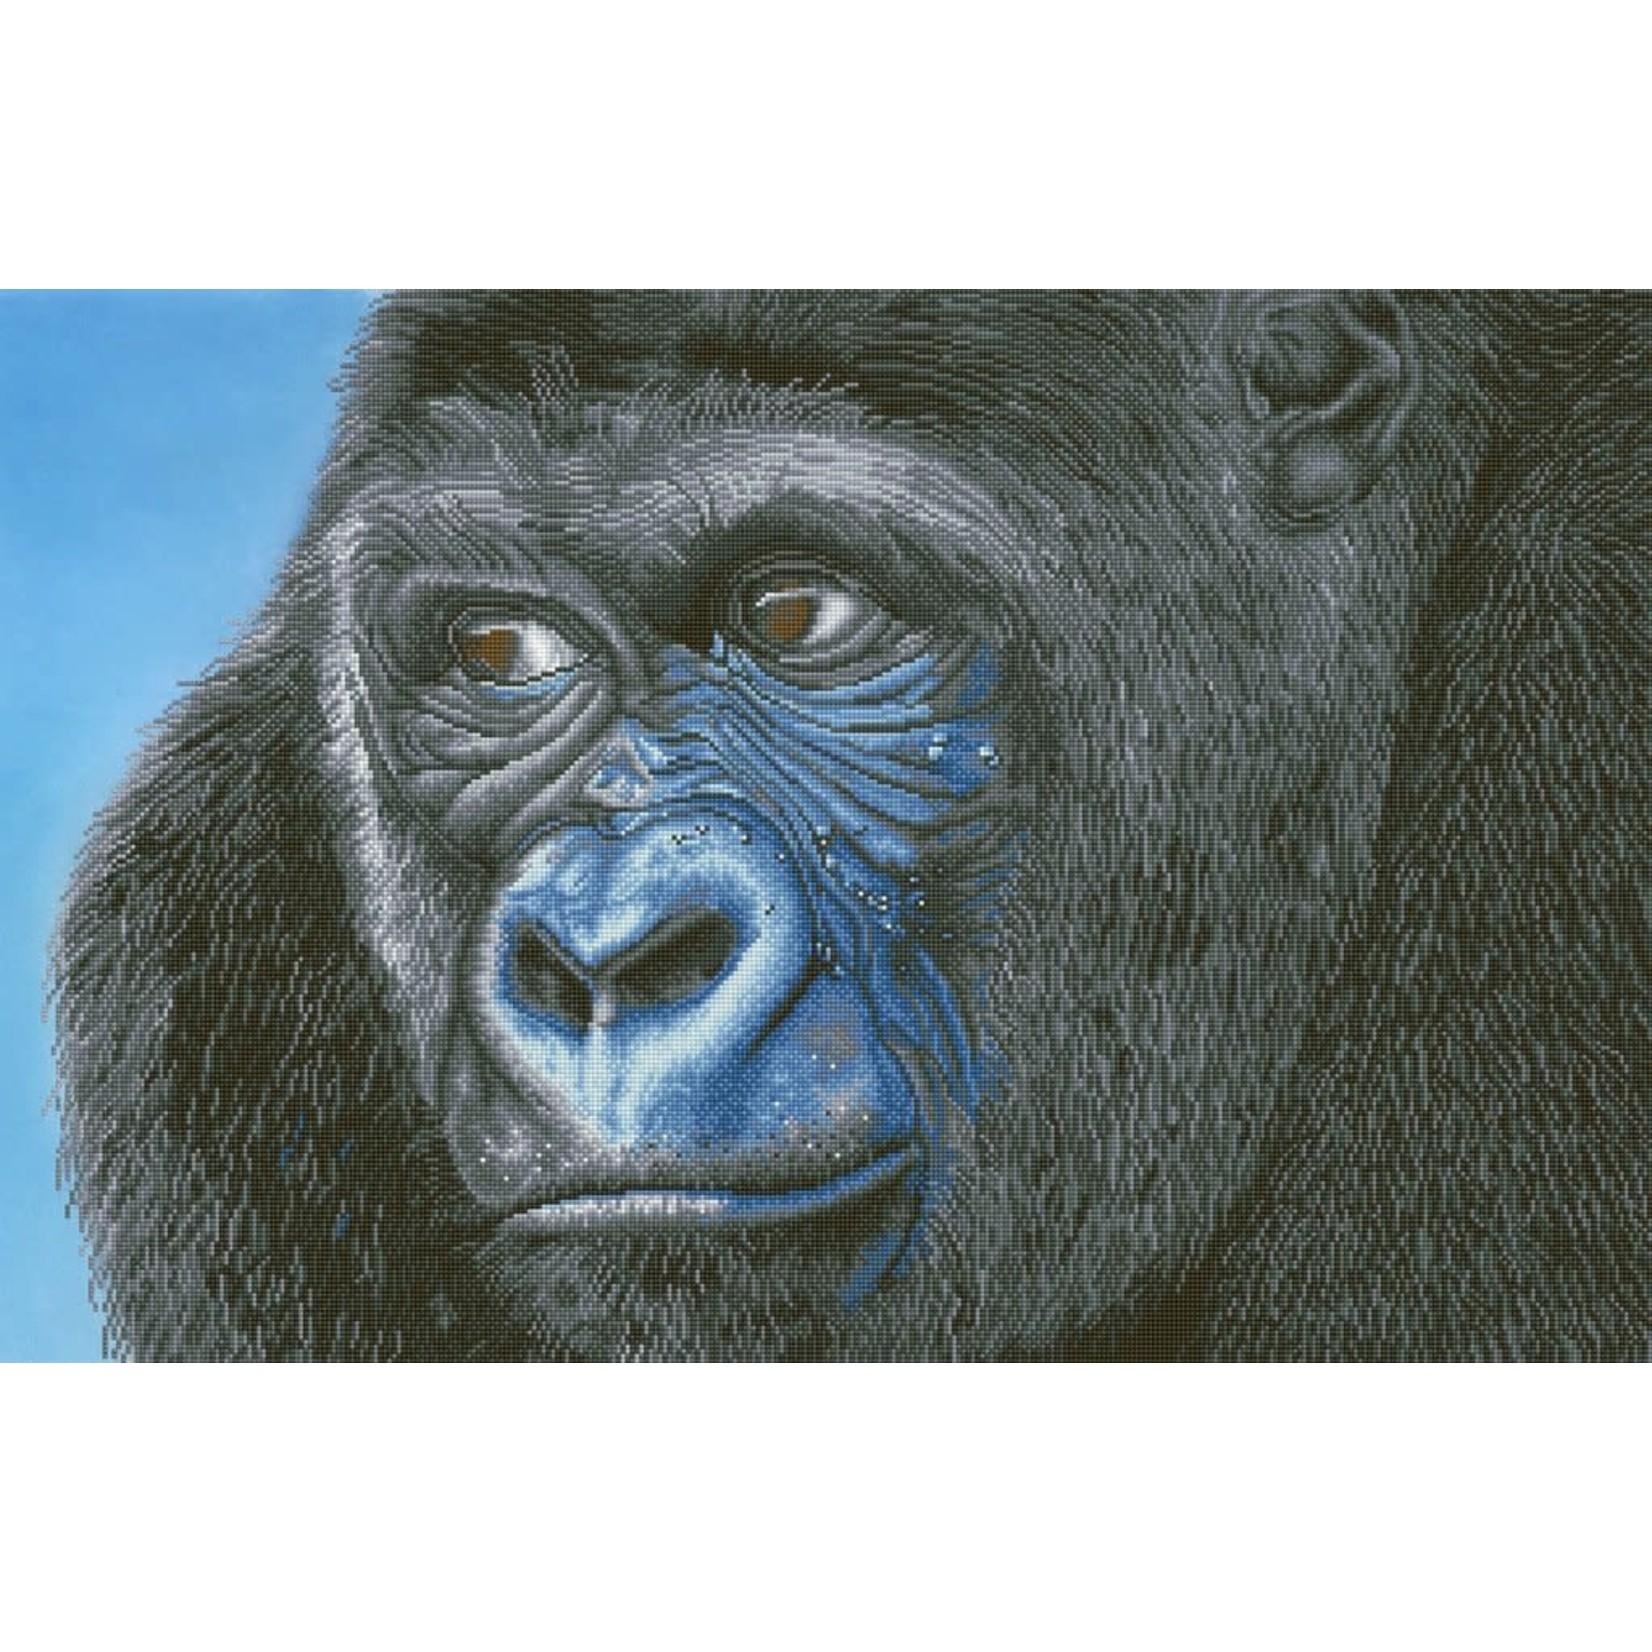 Diamond Dotz Diamond Dotz - Kibali Western Lowland Gorilla